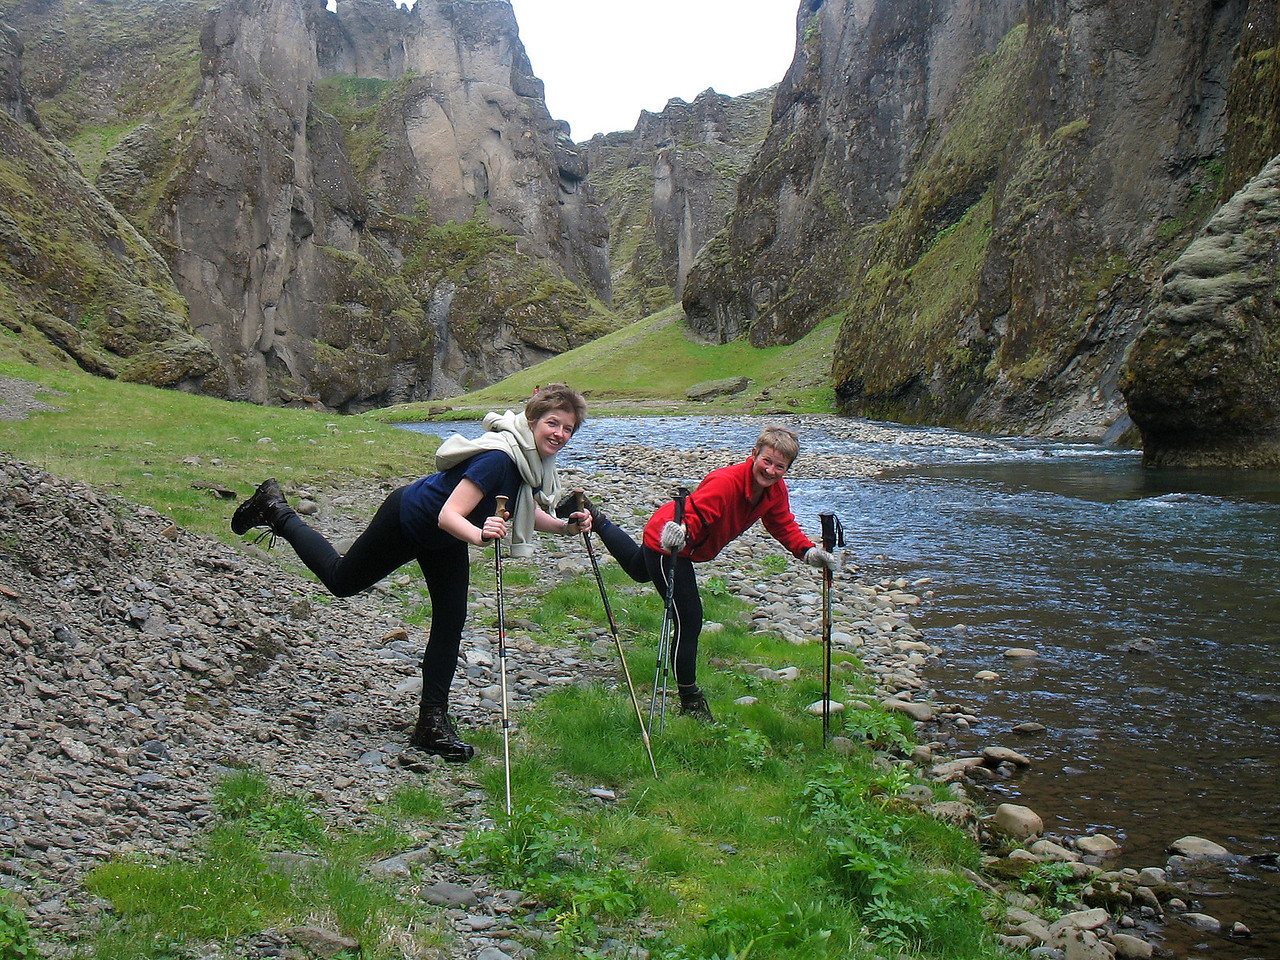 Emilía og Sigríður sýna nýja tækni við að tæma gönguskó af vatni.